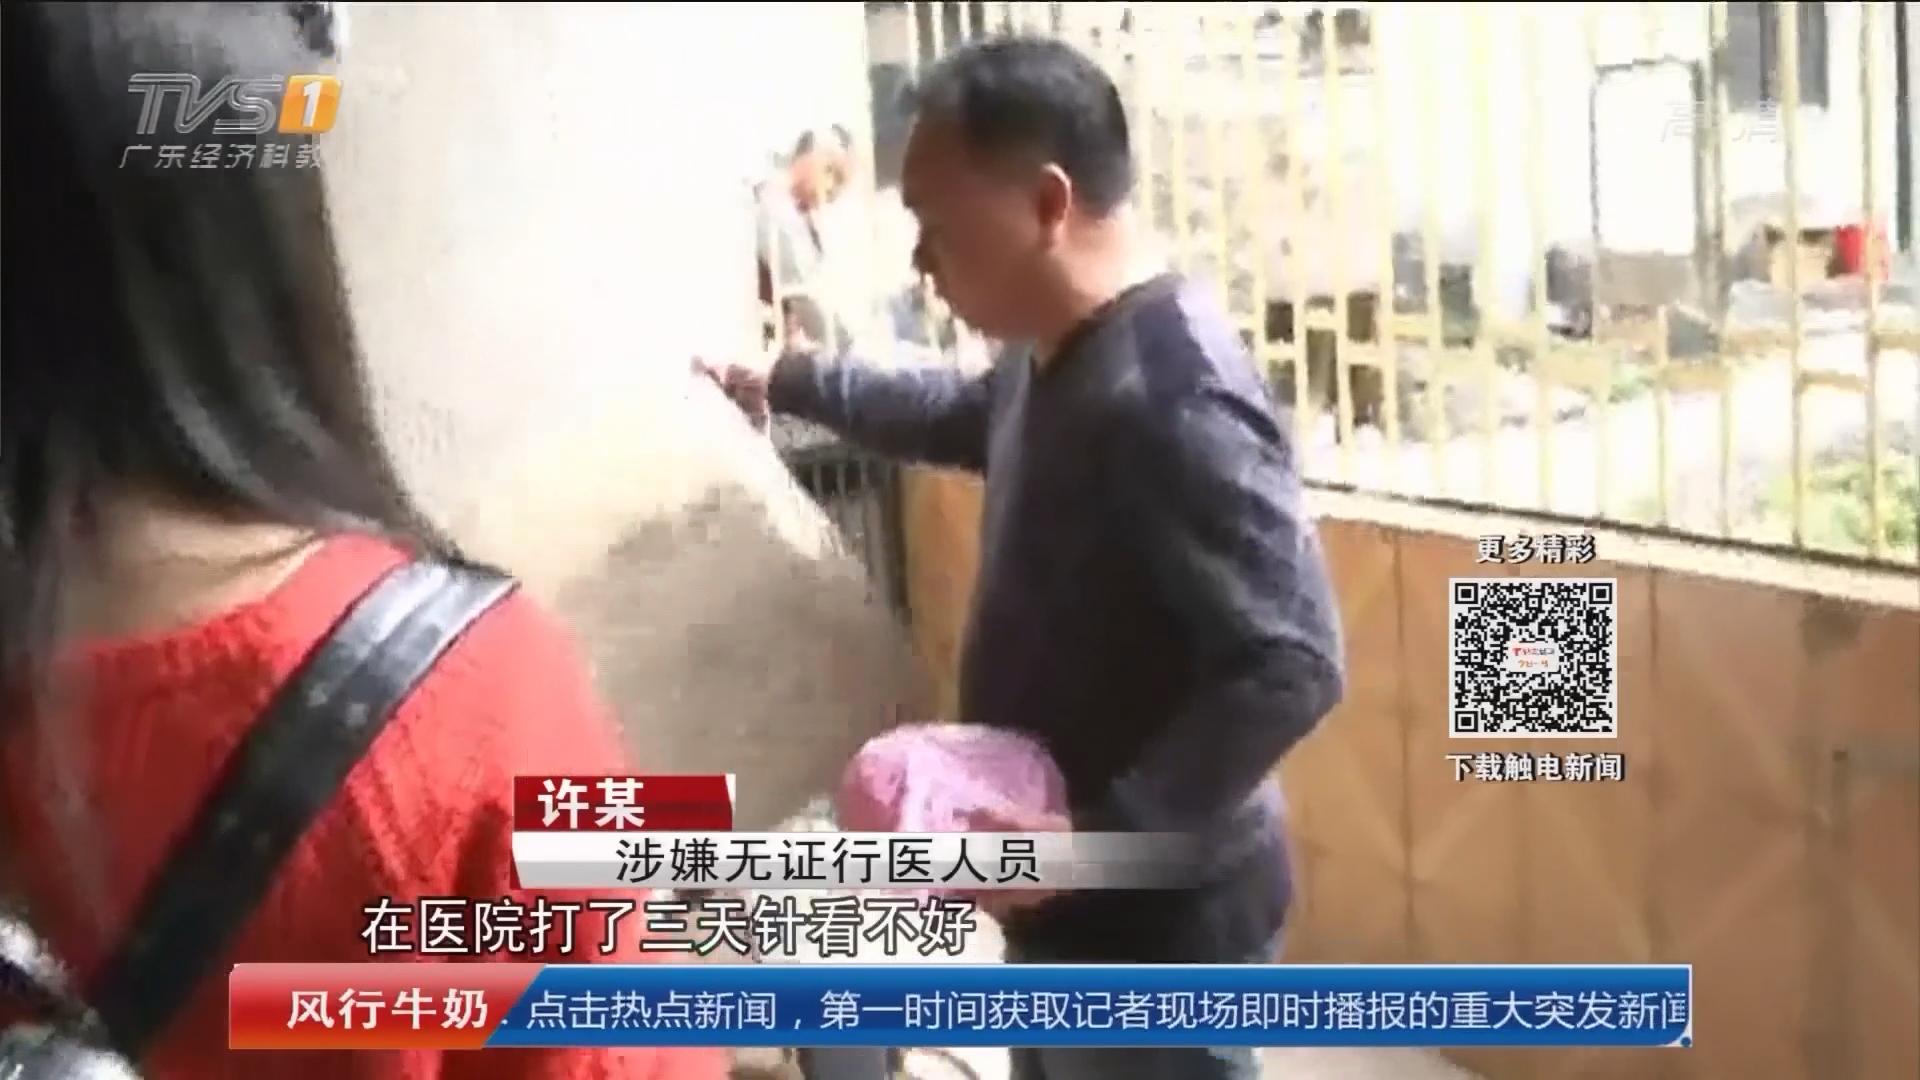 深圳:简陋平房成诊所 男子非法行医被罚8万